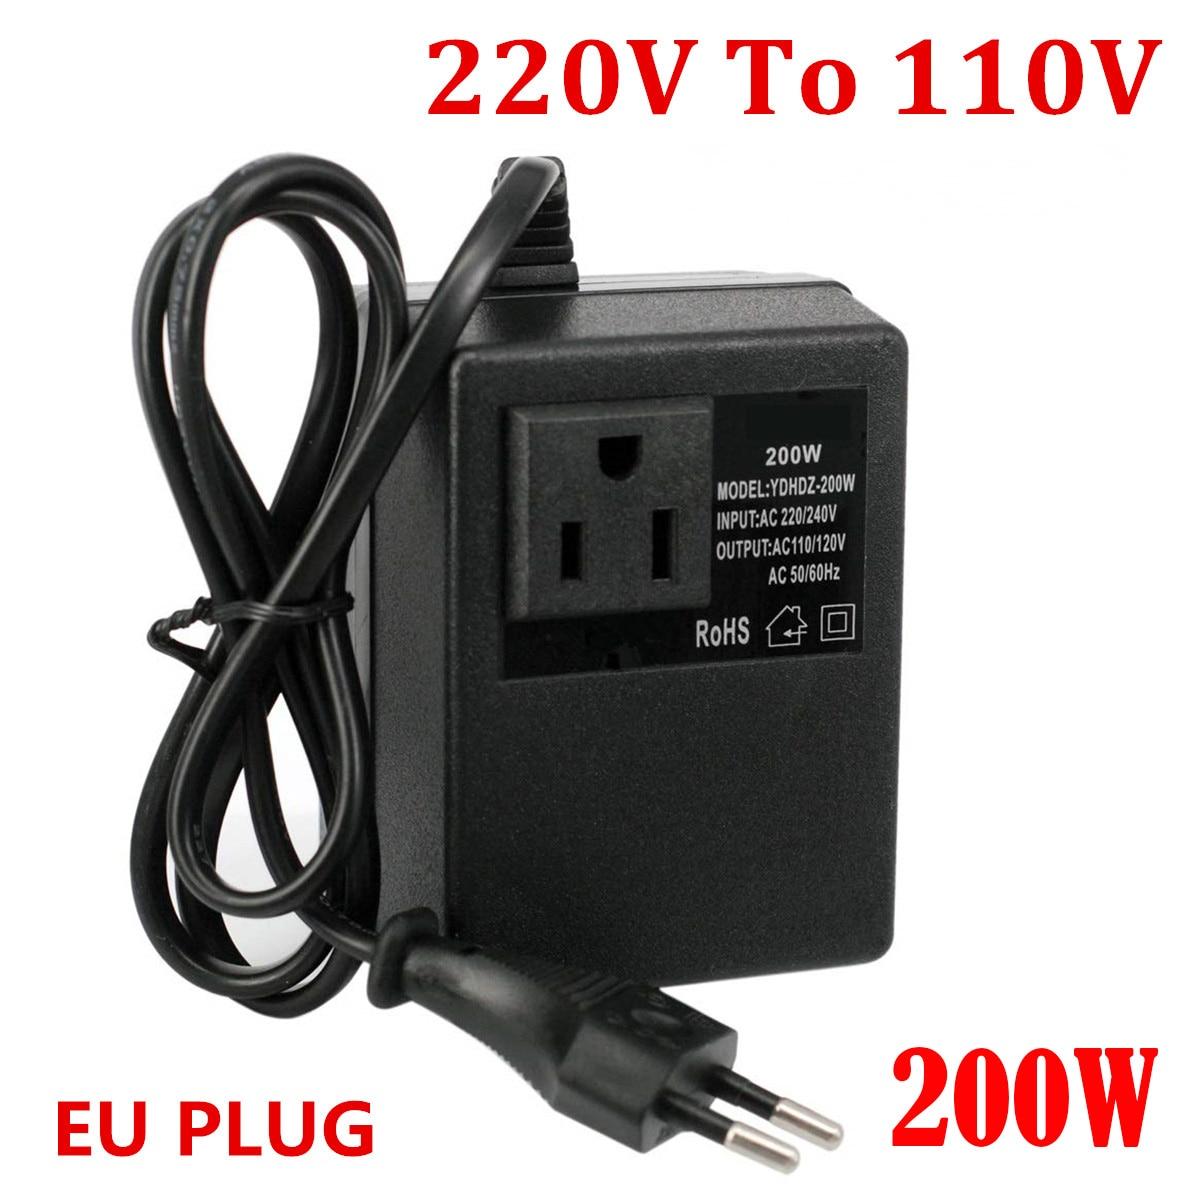 NOVA 200W Transformador Conversor de Voltagem 220V Para 110V Step Down Tensão do Transformador Conversor De Viagem EU Plug